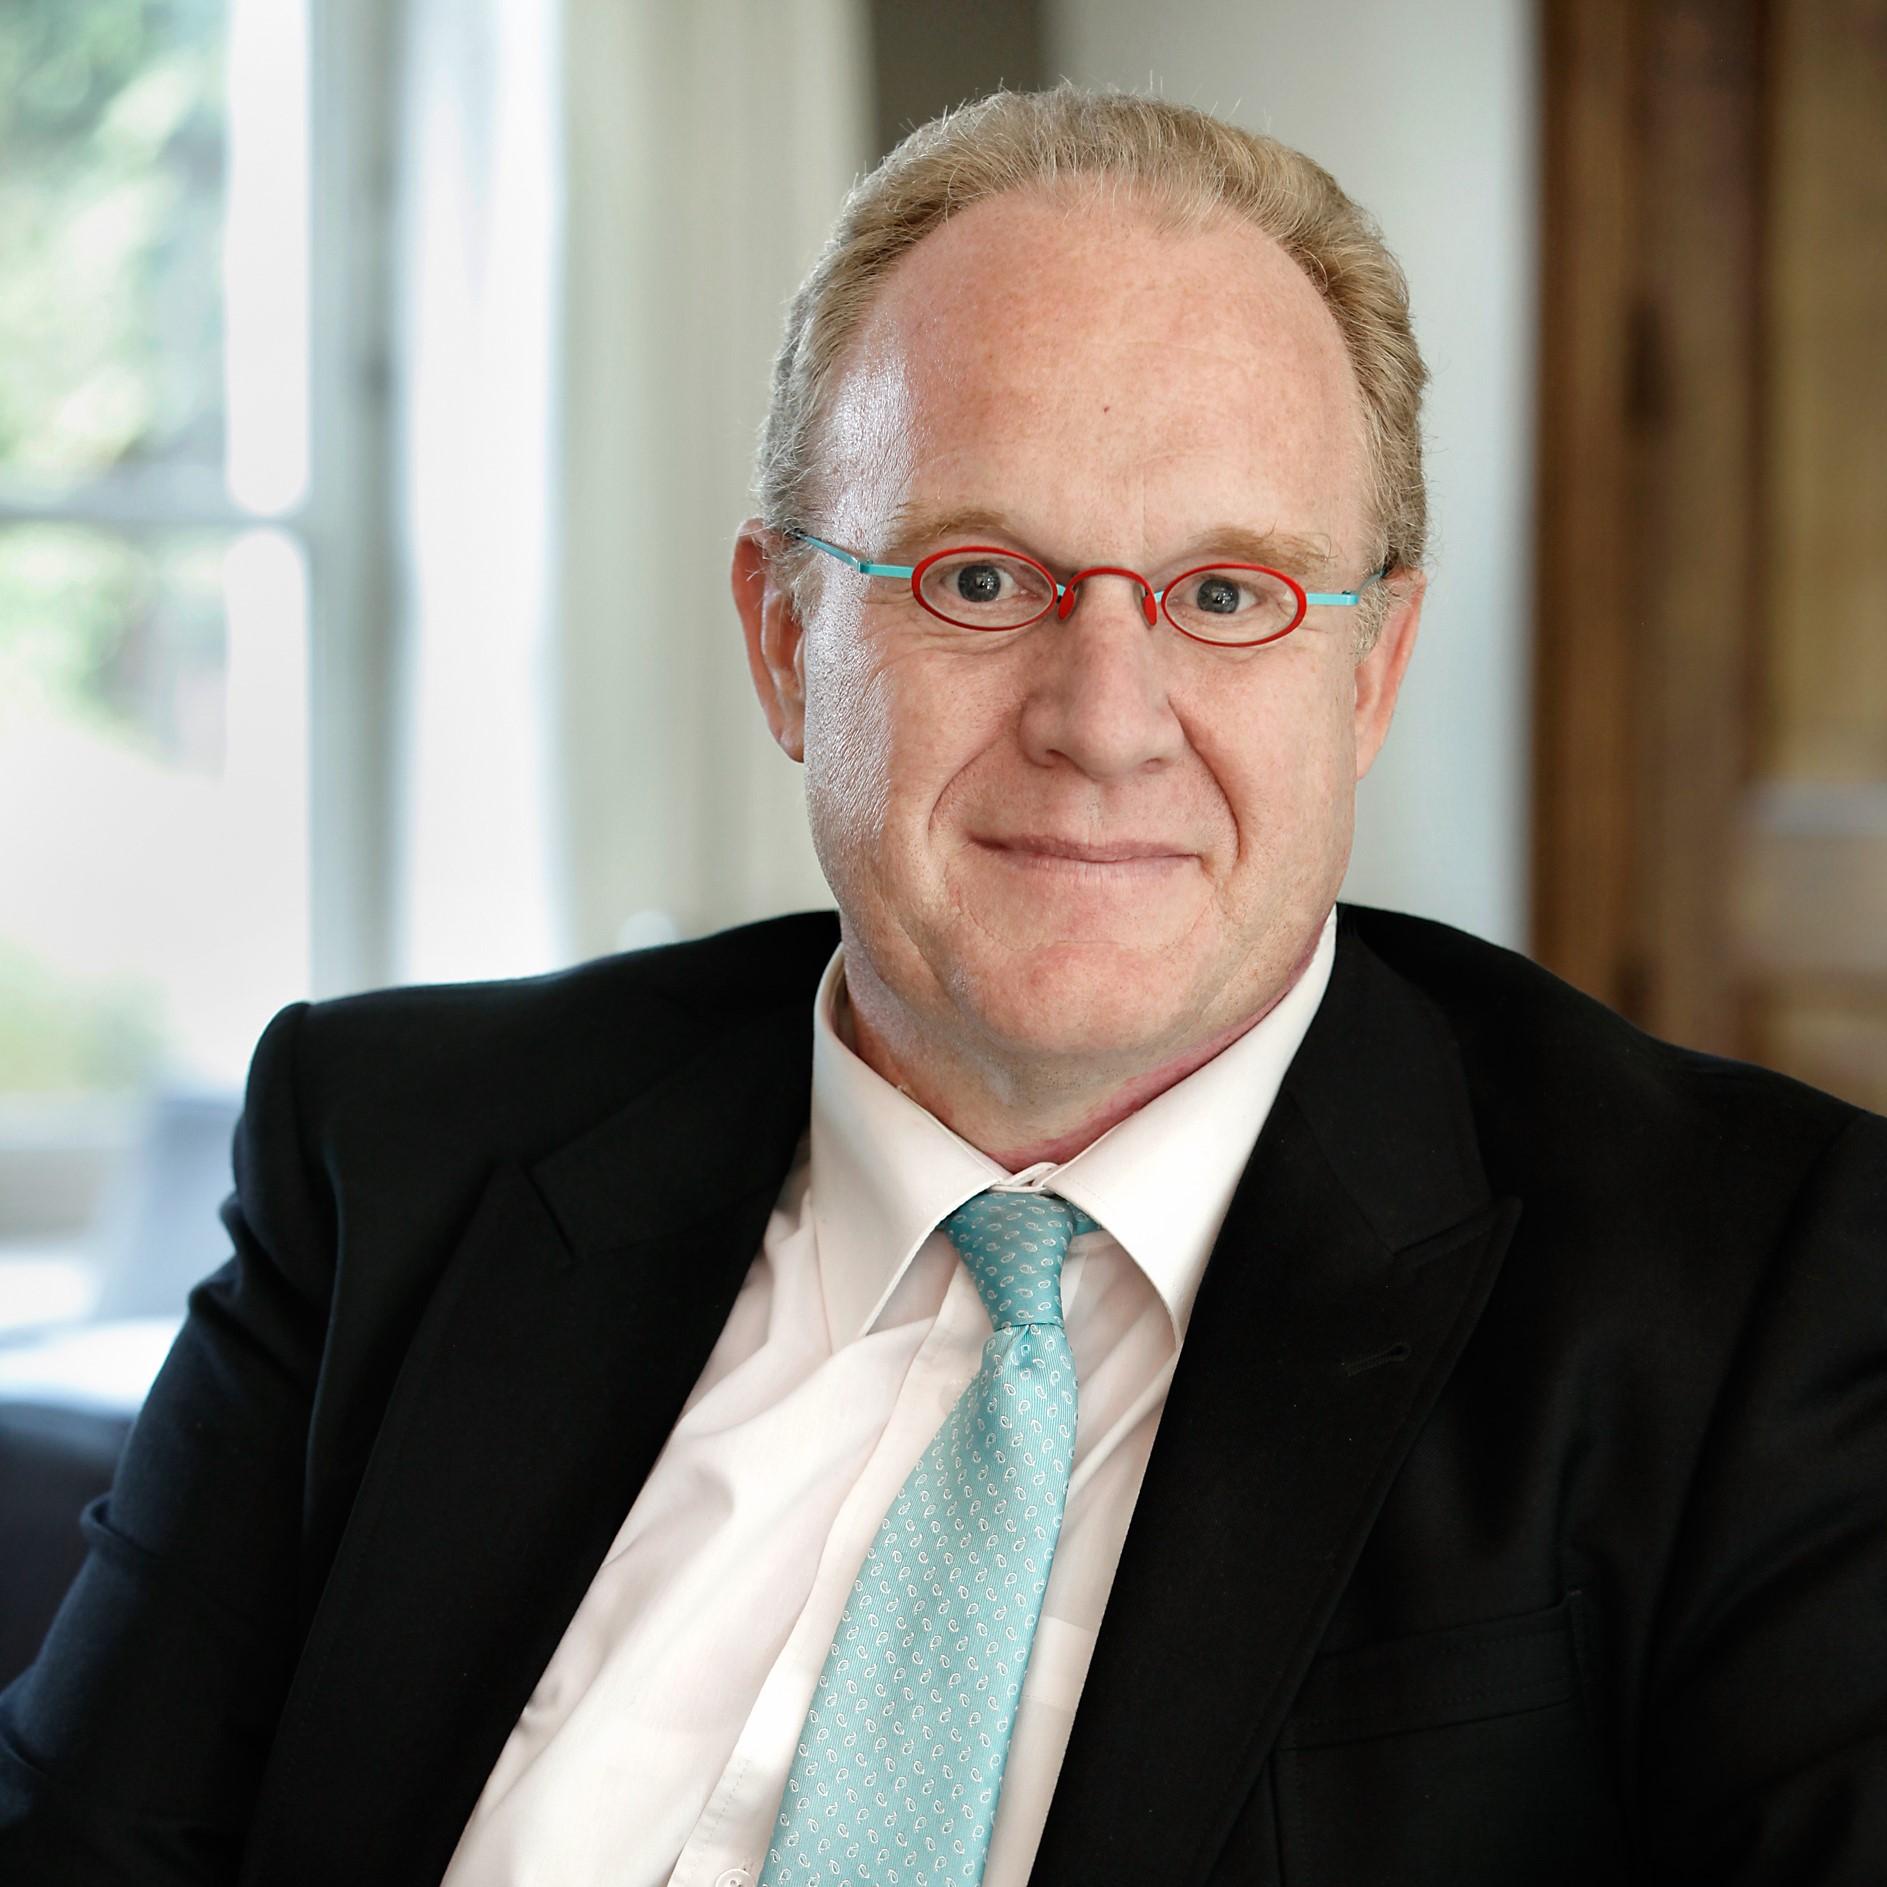 Prof. Kris Dierickx